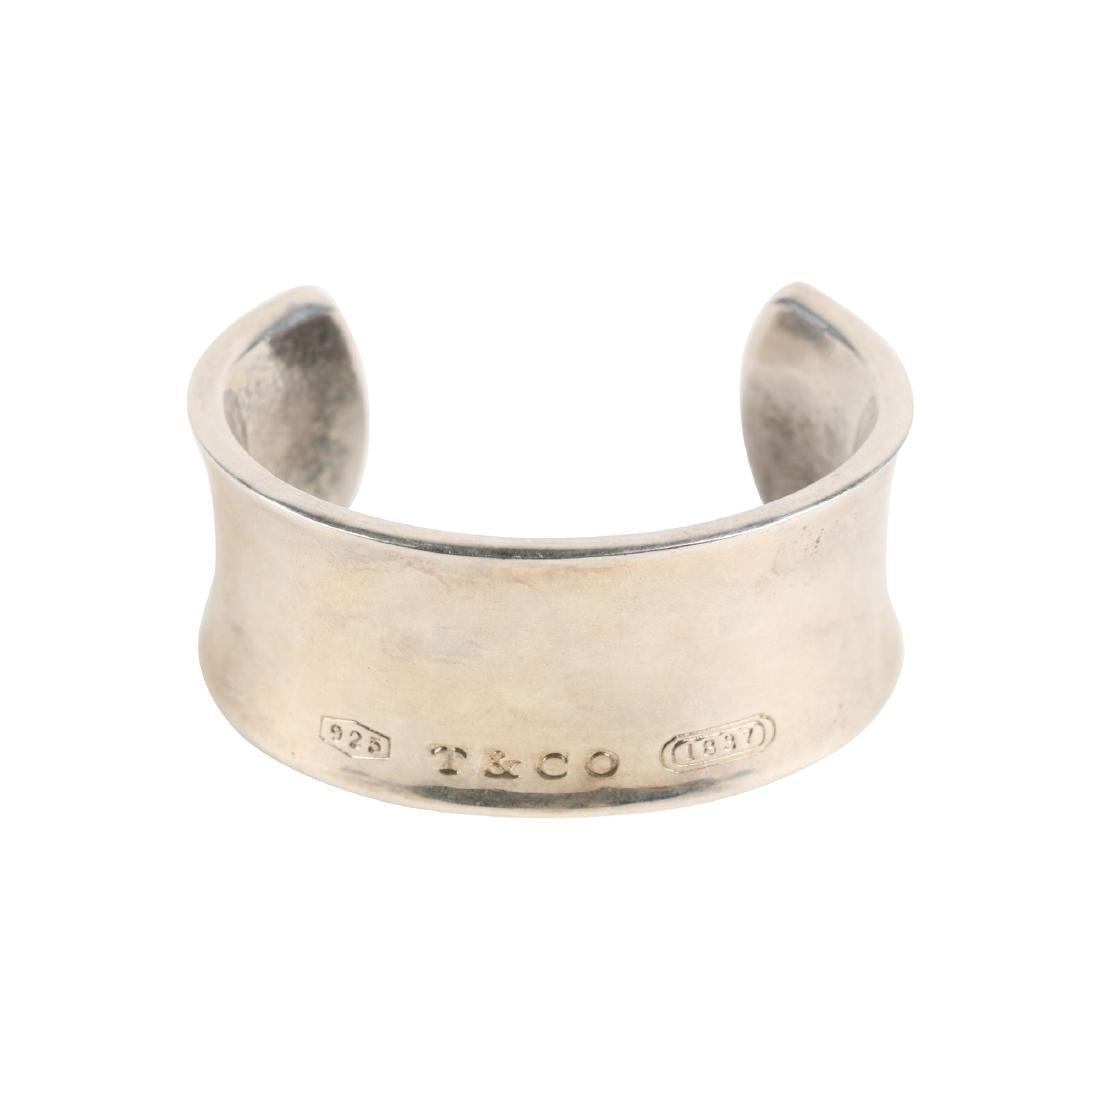 A Tiffany Sterling Silver Bangle Bracelet